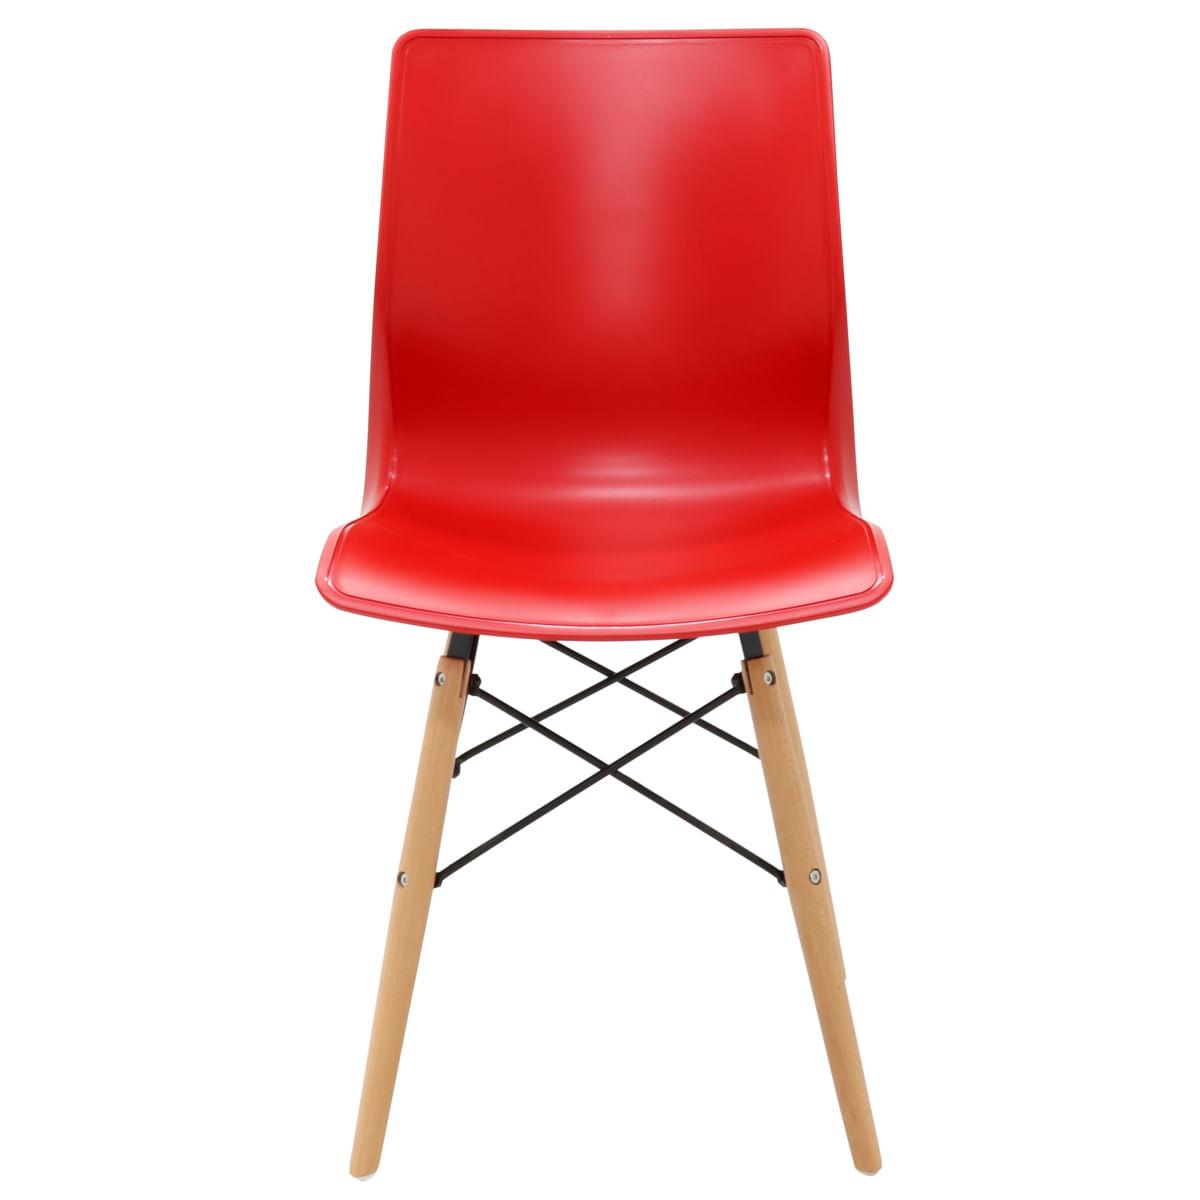 Cadeira Tramontina Maja Unicolor 3D em Polipropileno Vermelho com Base em Madeira Faia